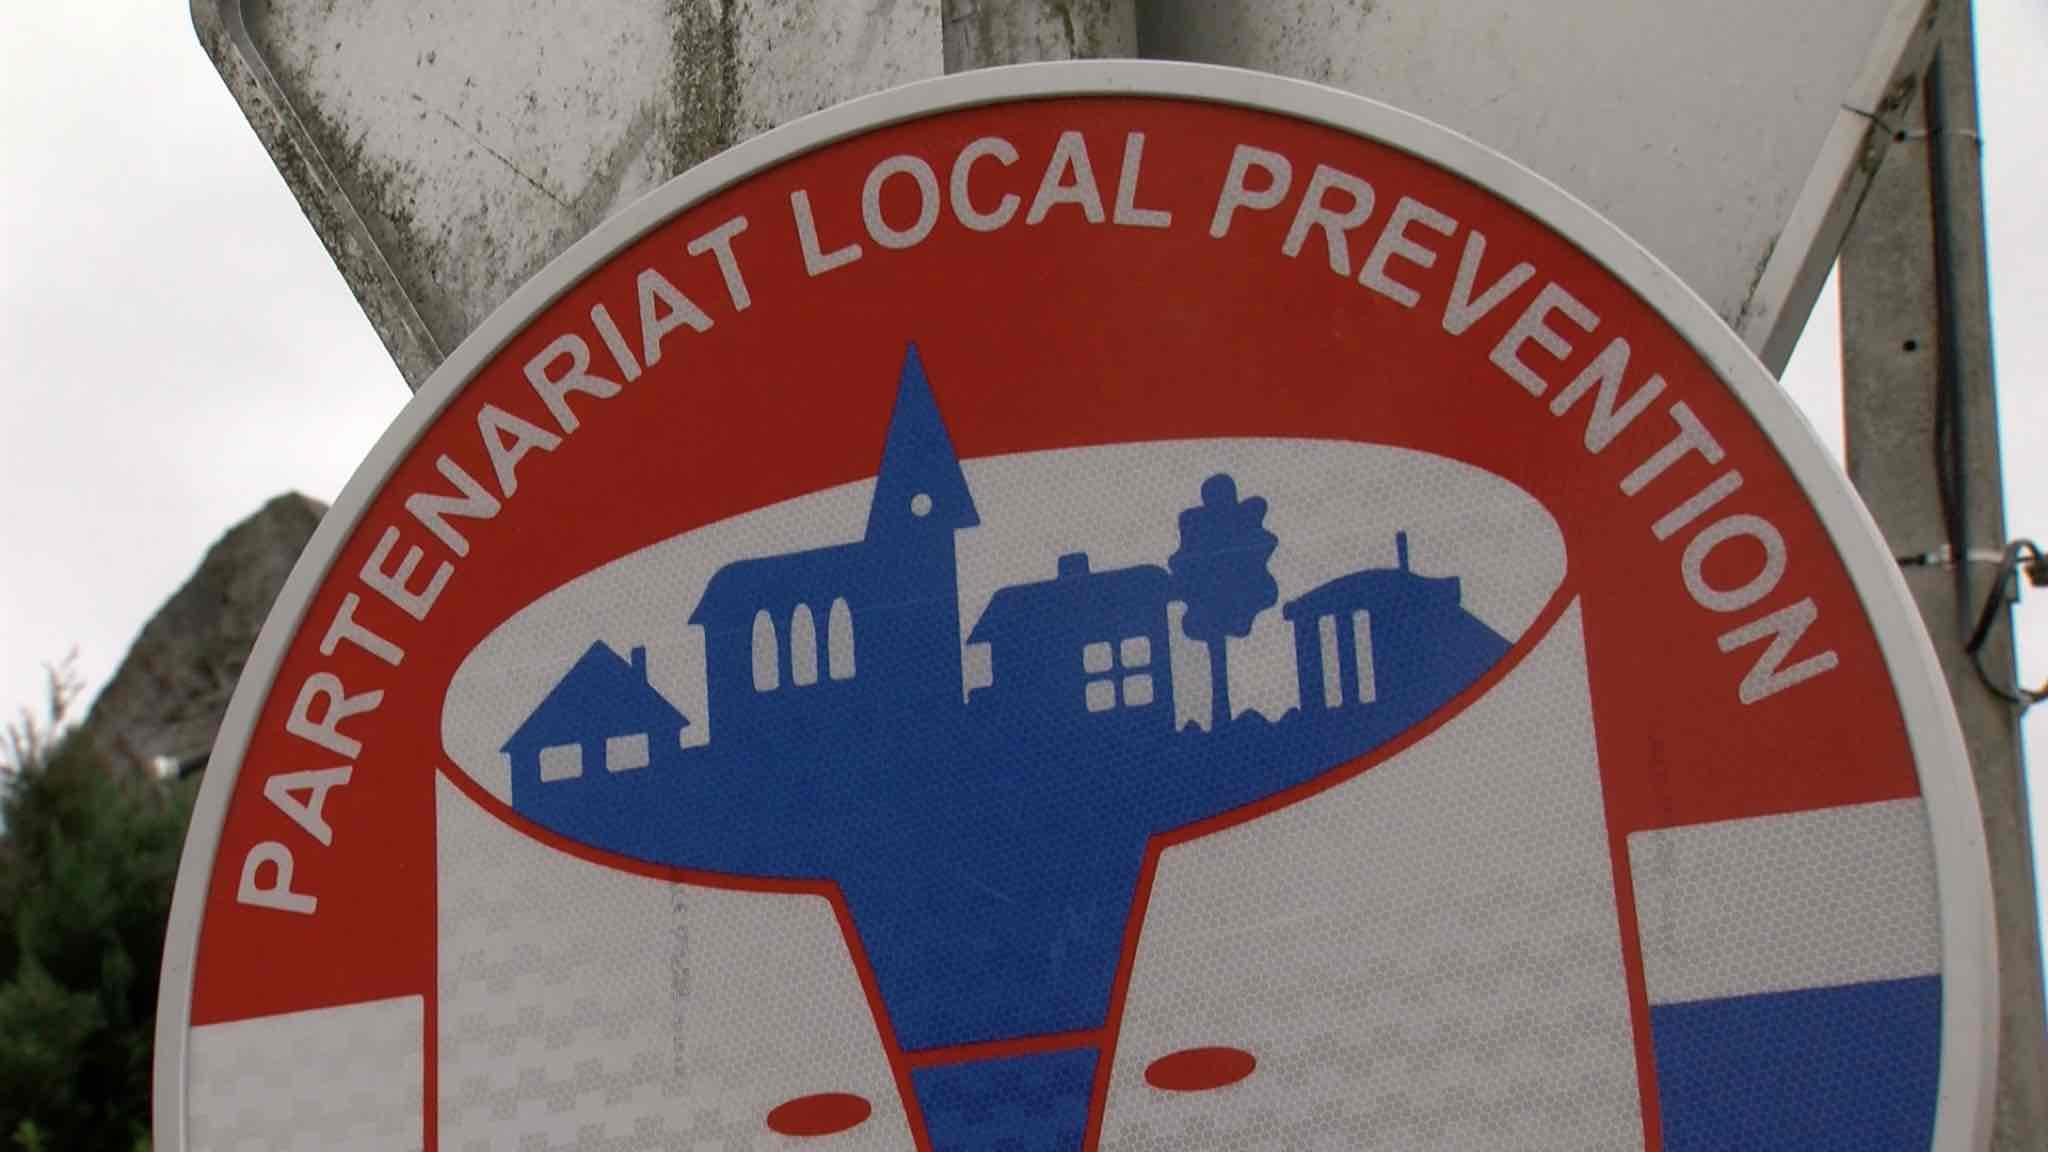 Un partenariat local de prévention